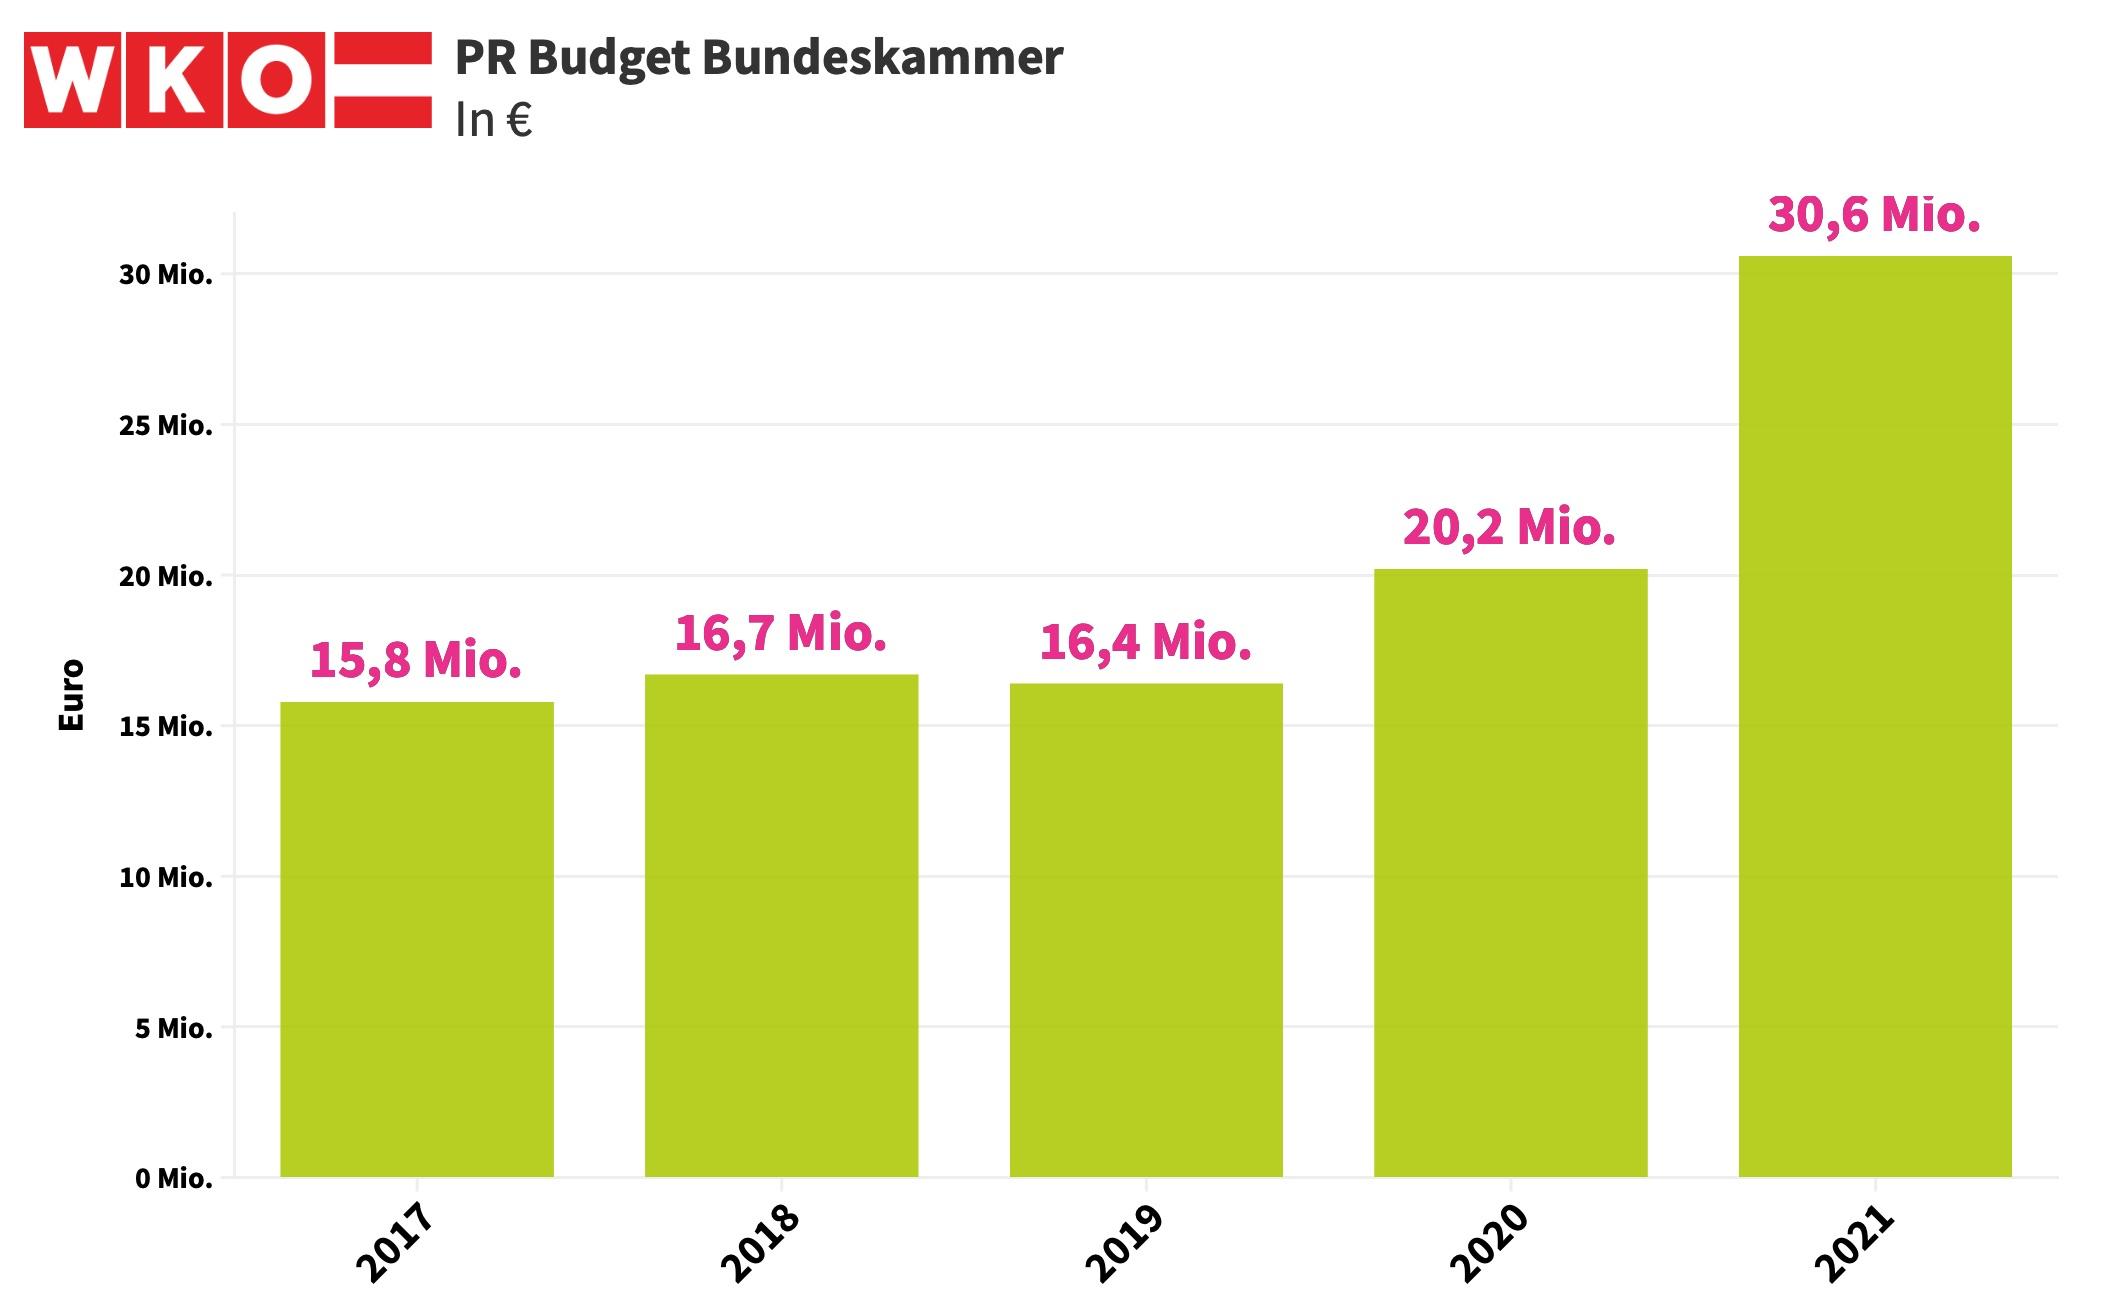 PR Budget WKÖ 2017-2021